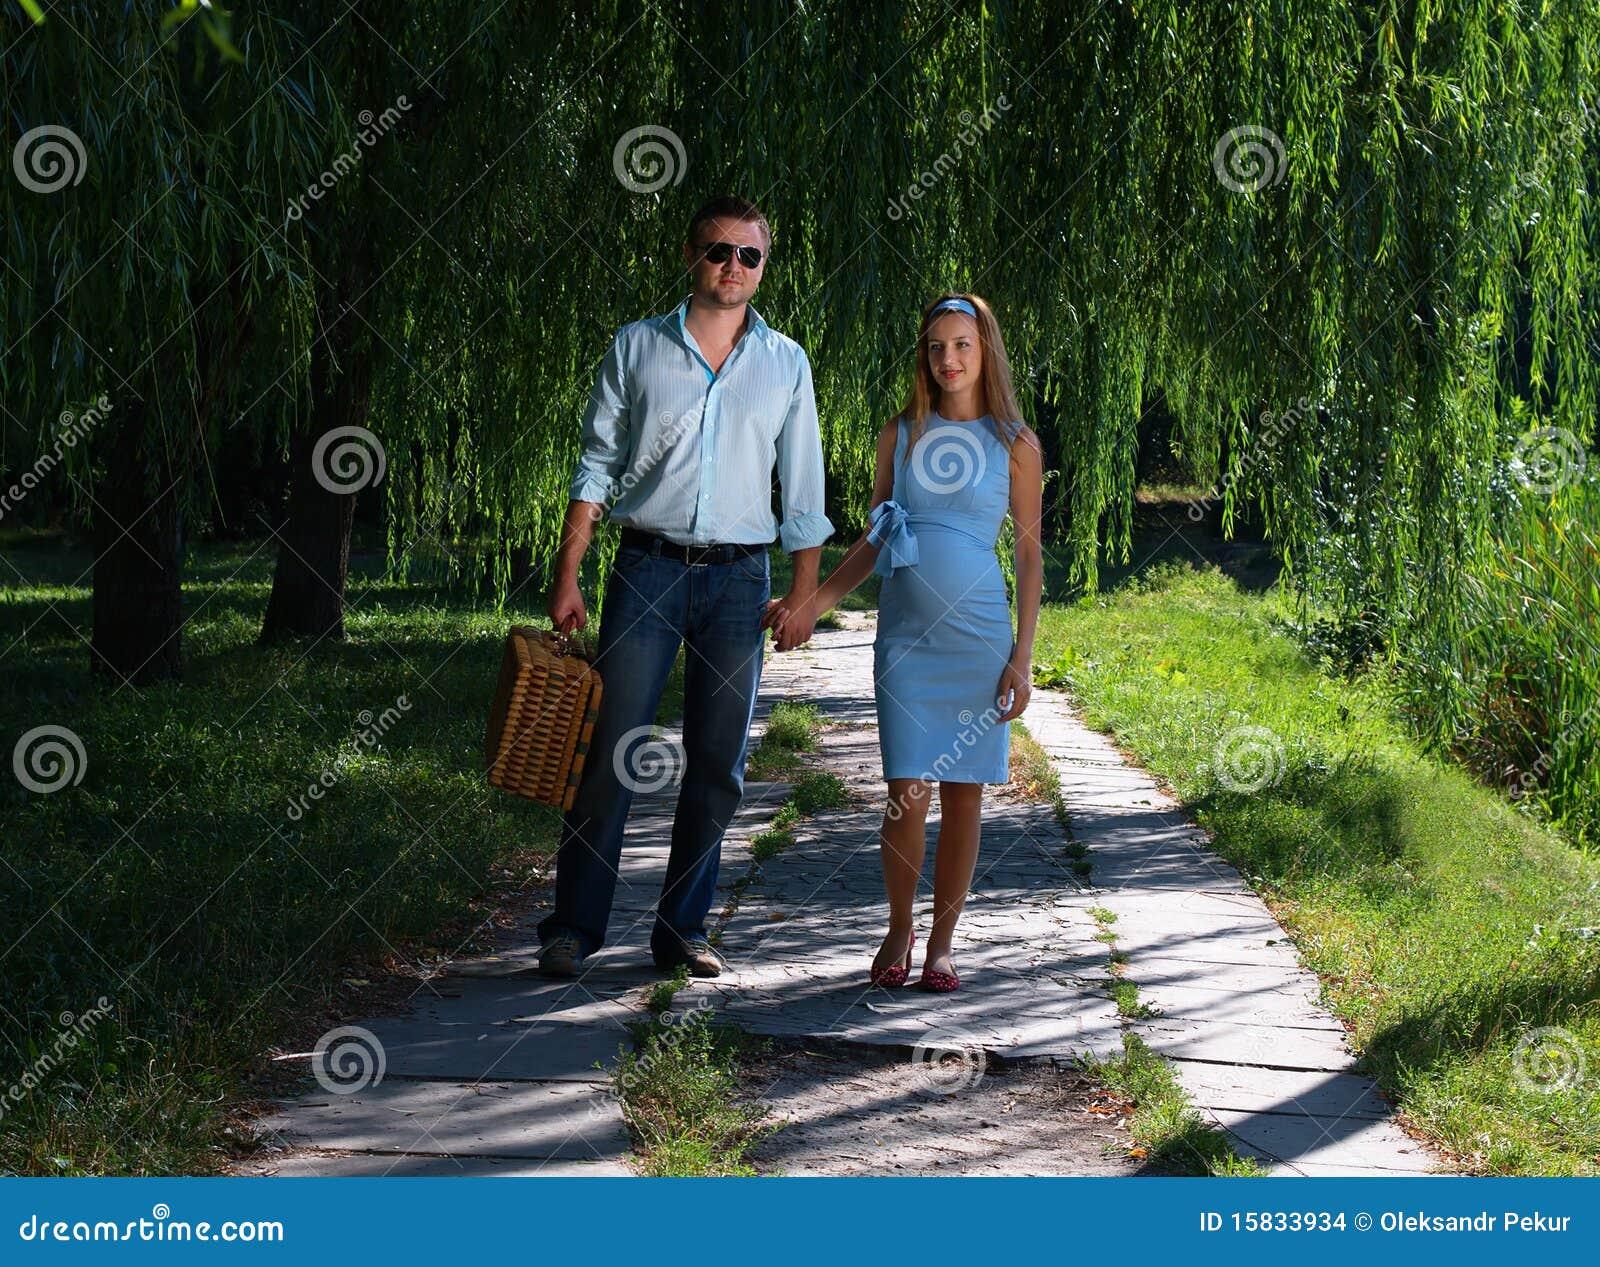 liebevolle paare die hand in hand gehen stockfoto bild von b ume park 15833934. Black Bedroom Furniture Sets. Home Design Ideas